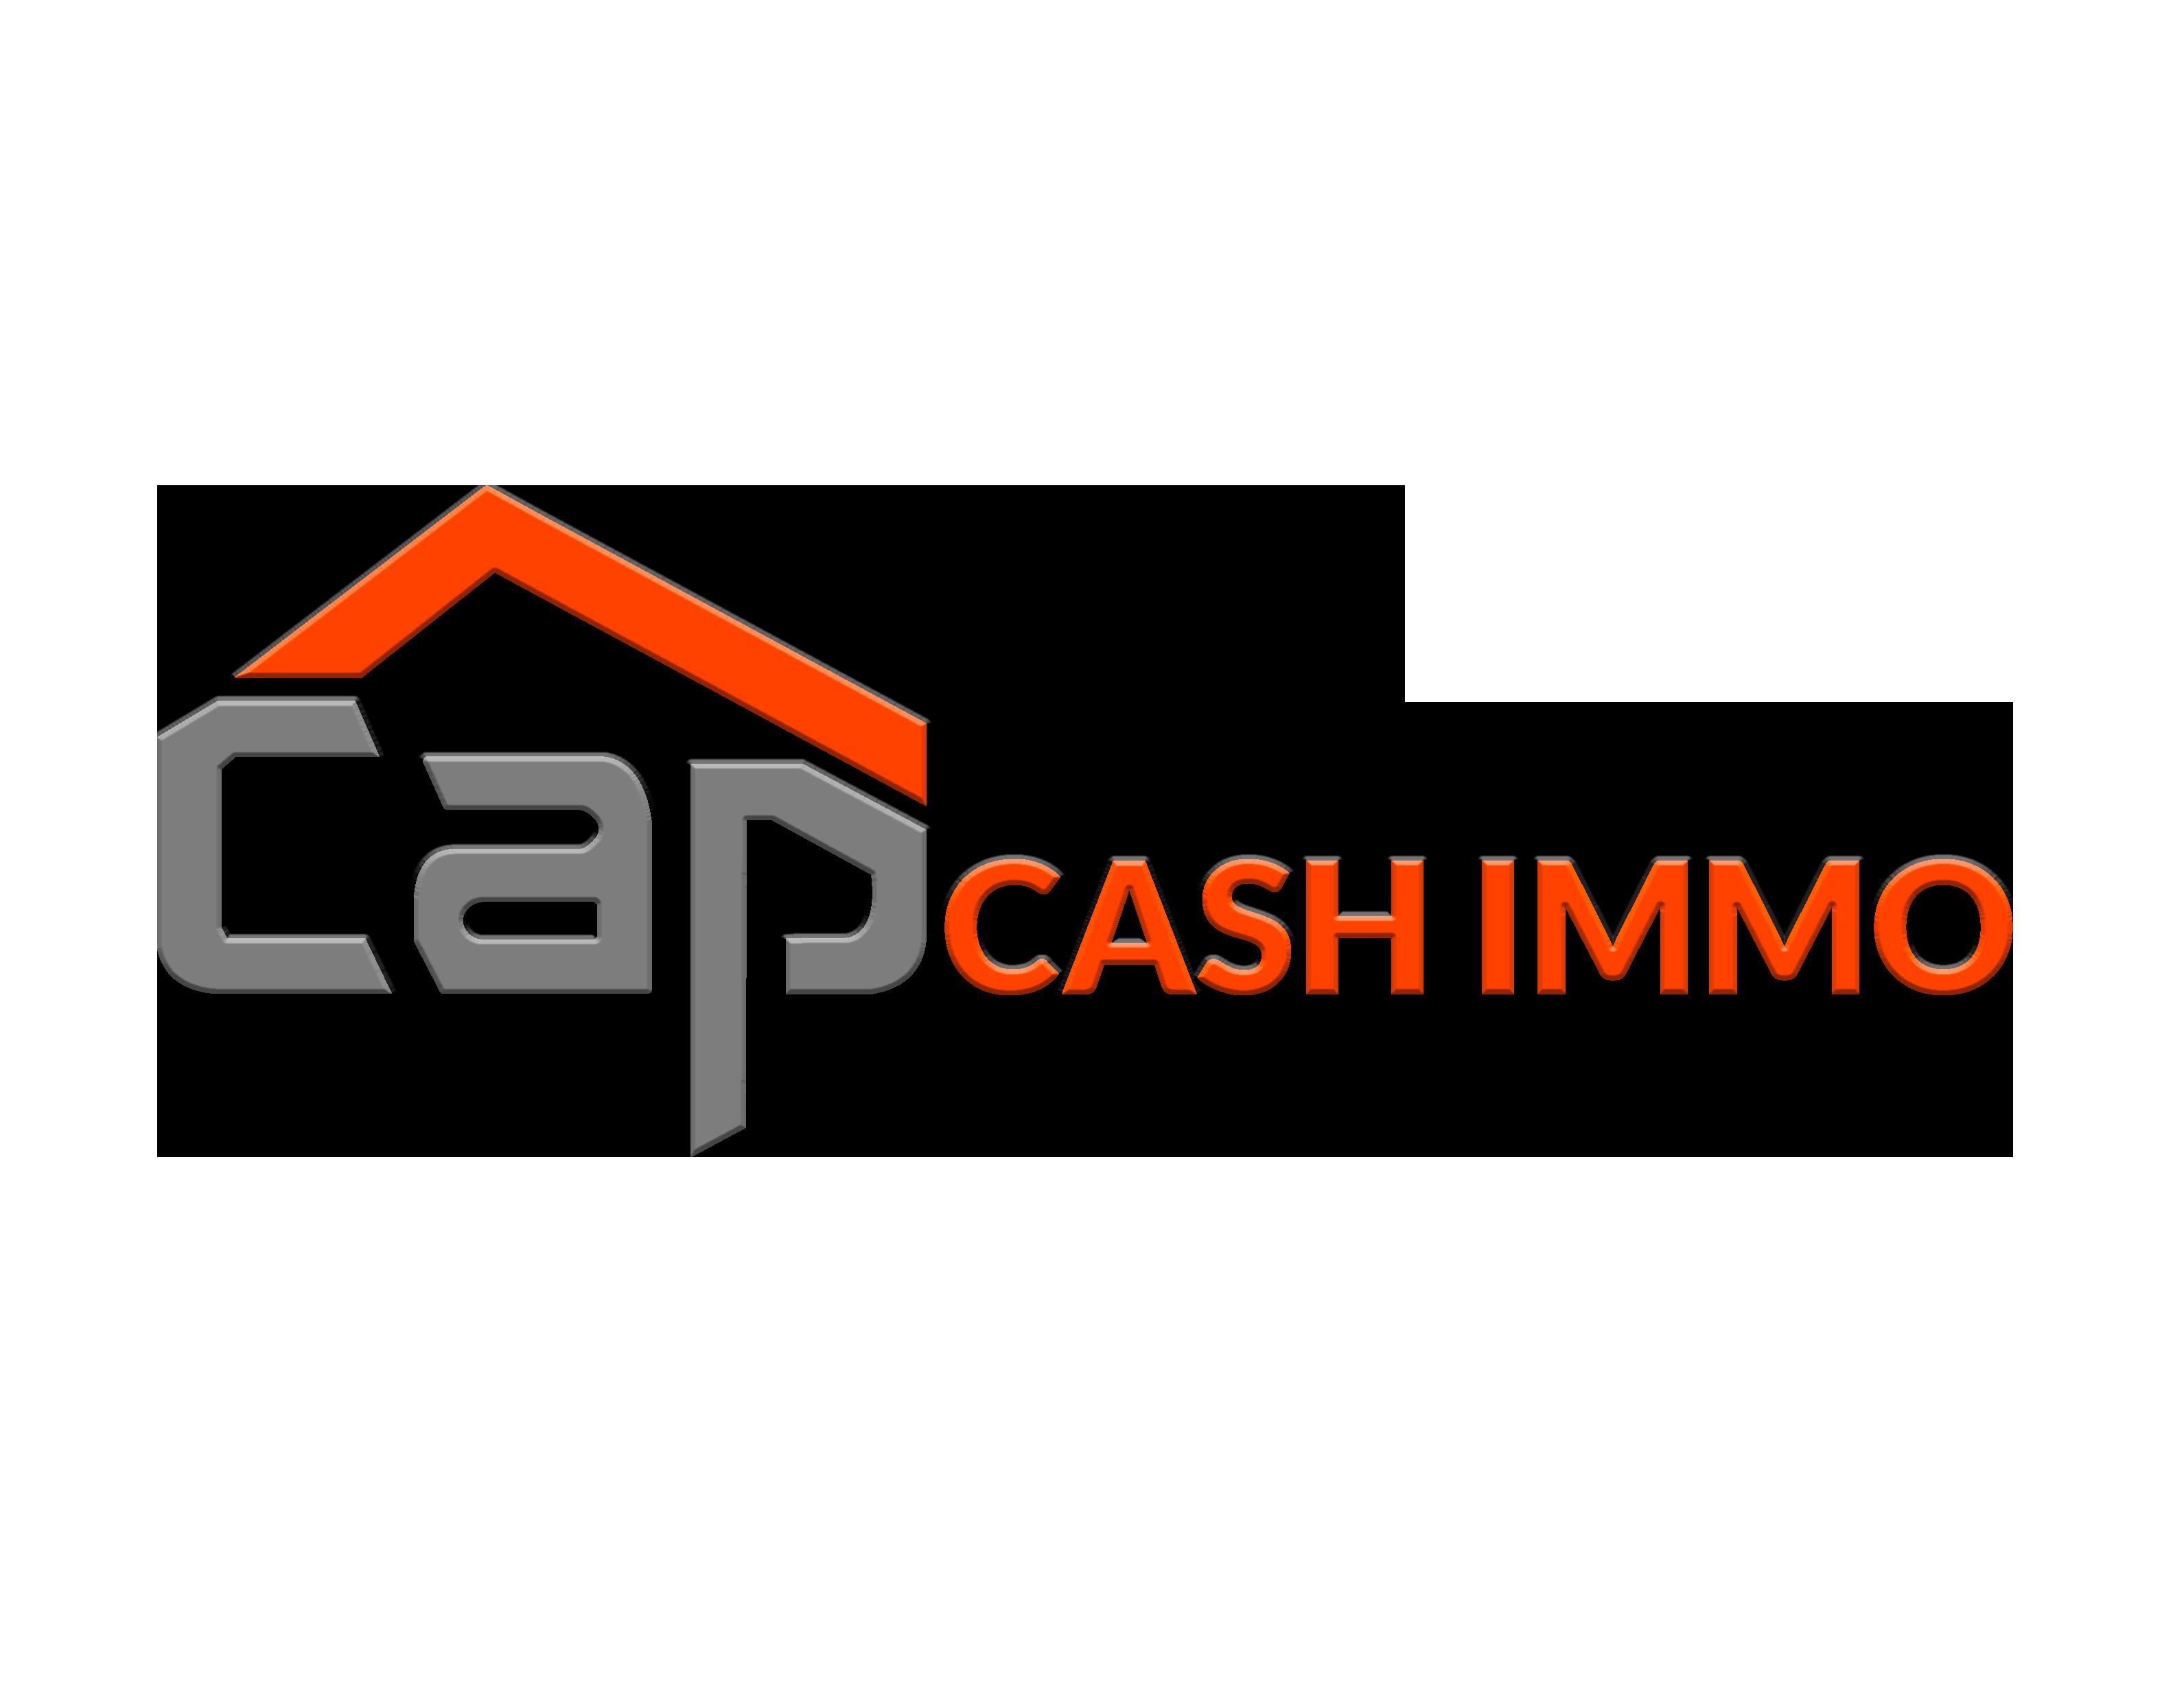 Logo cap cash immo chablais